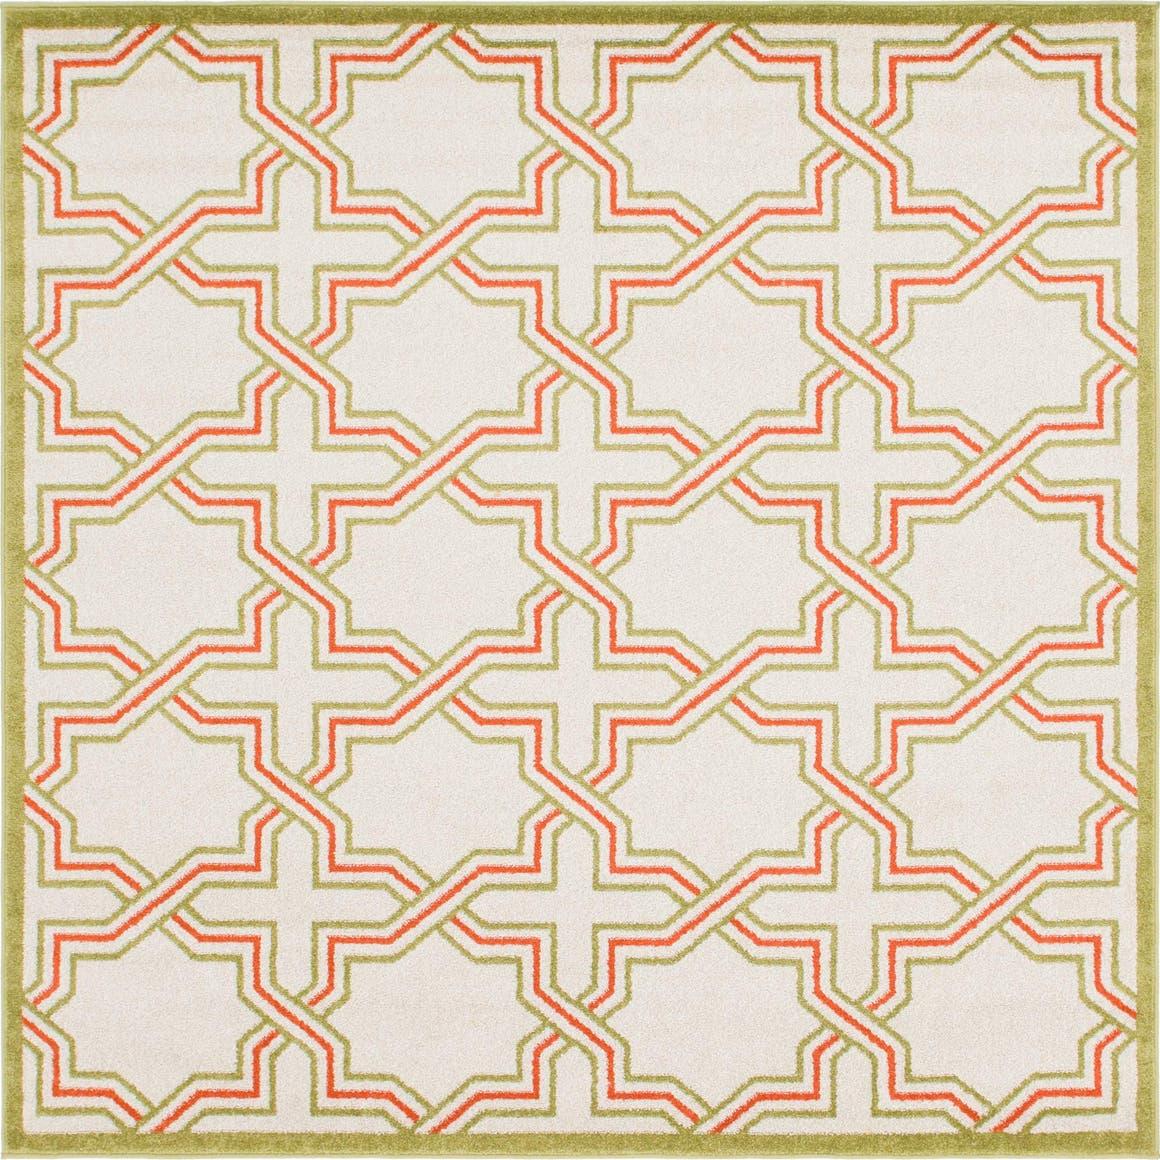 7' x 7' Trellis Square Rug main image